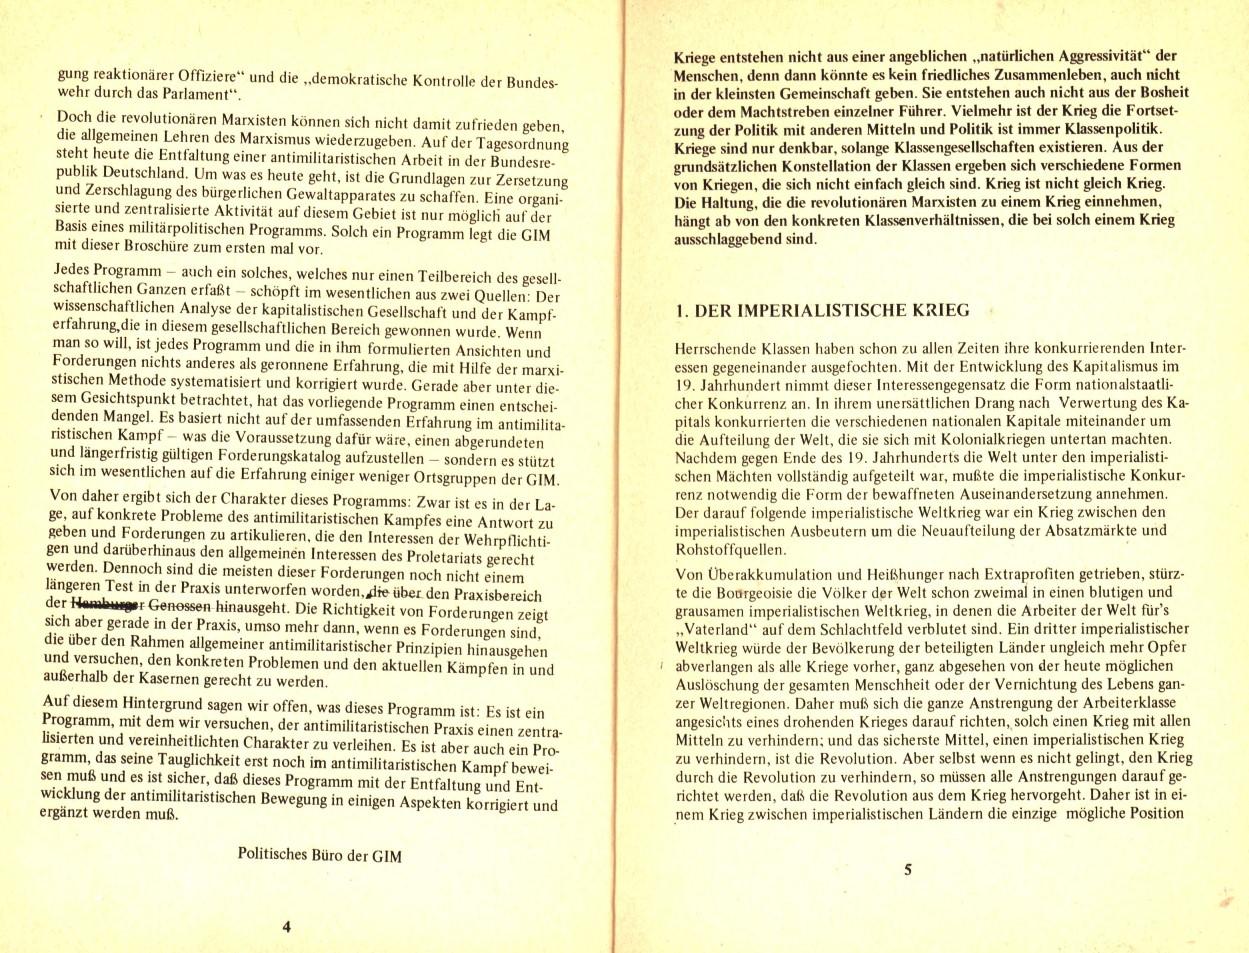 GIM_1976_Militaerpolitisches_Programm_04